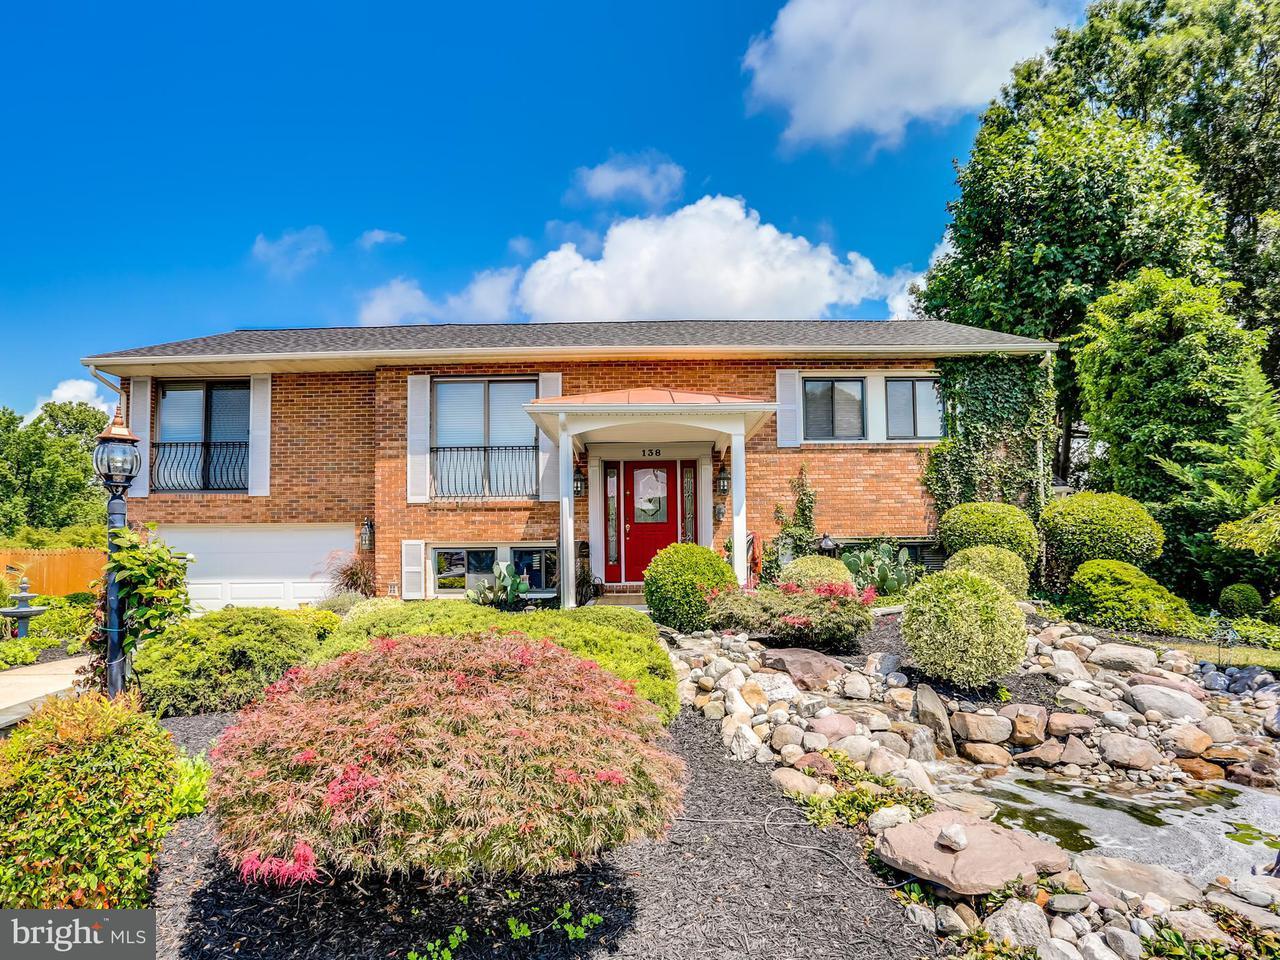 Частный односемейный дом для того Продажа на 138 DRIFTWOOD Court 138 DRIFTWOOD Court Joppa, Мэриленд 21085 Соединенные Штаты